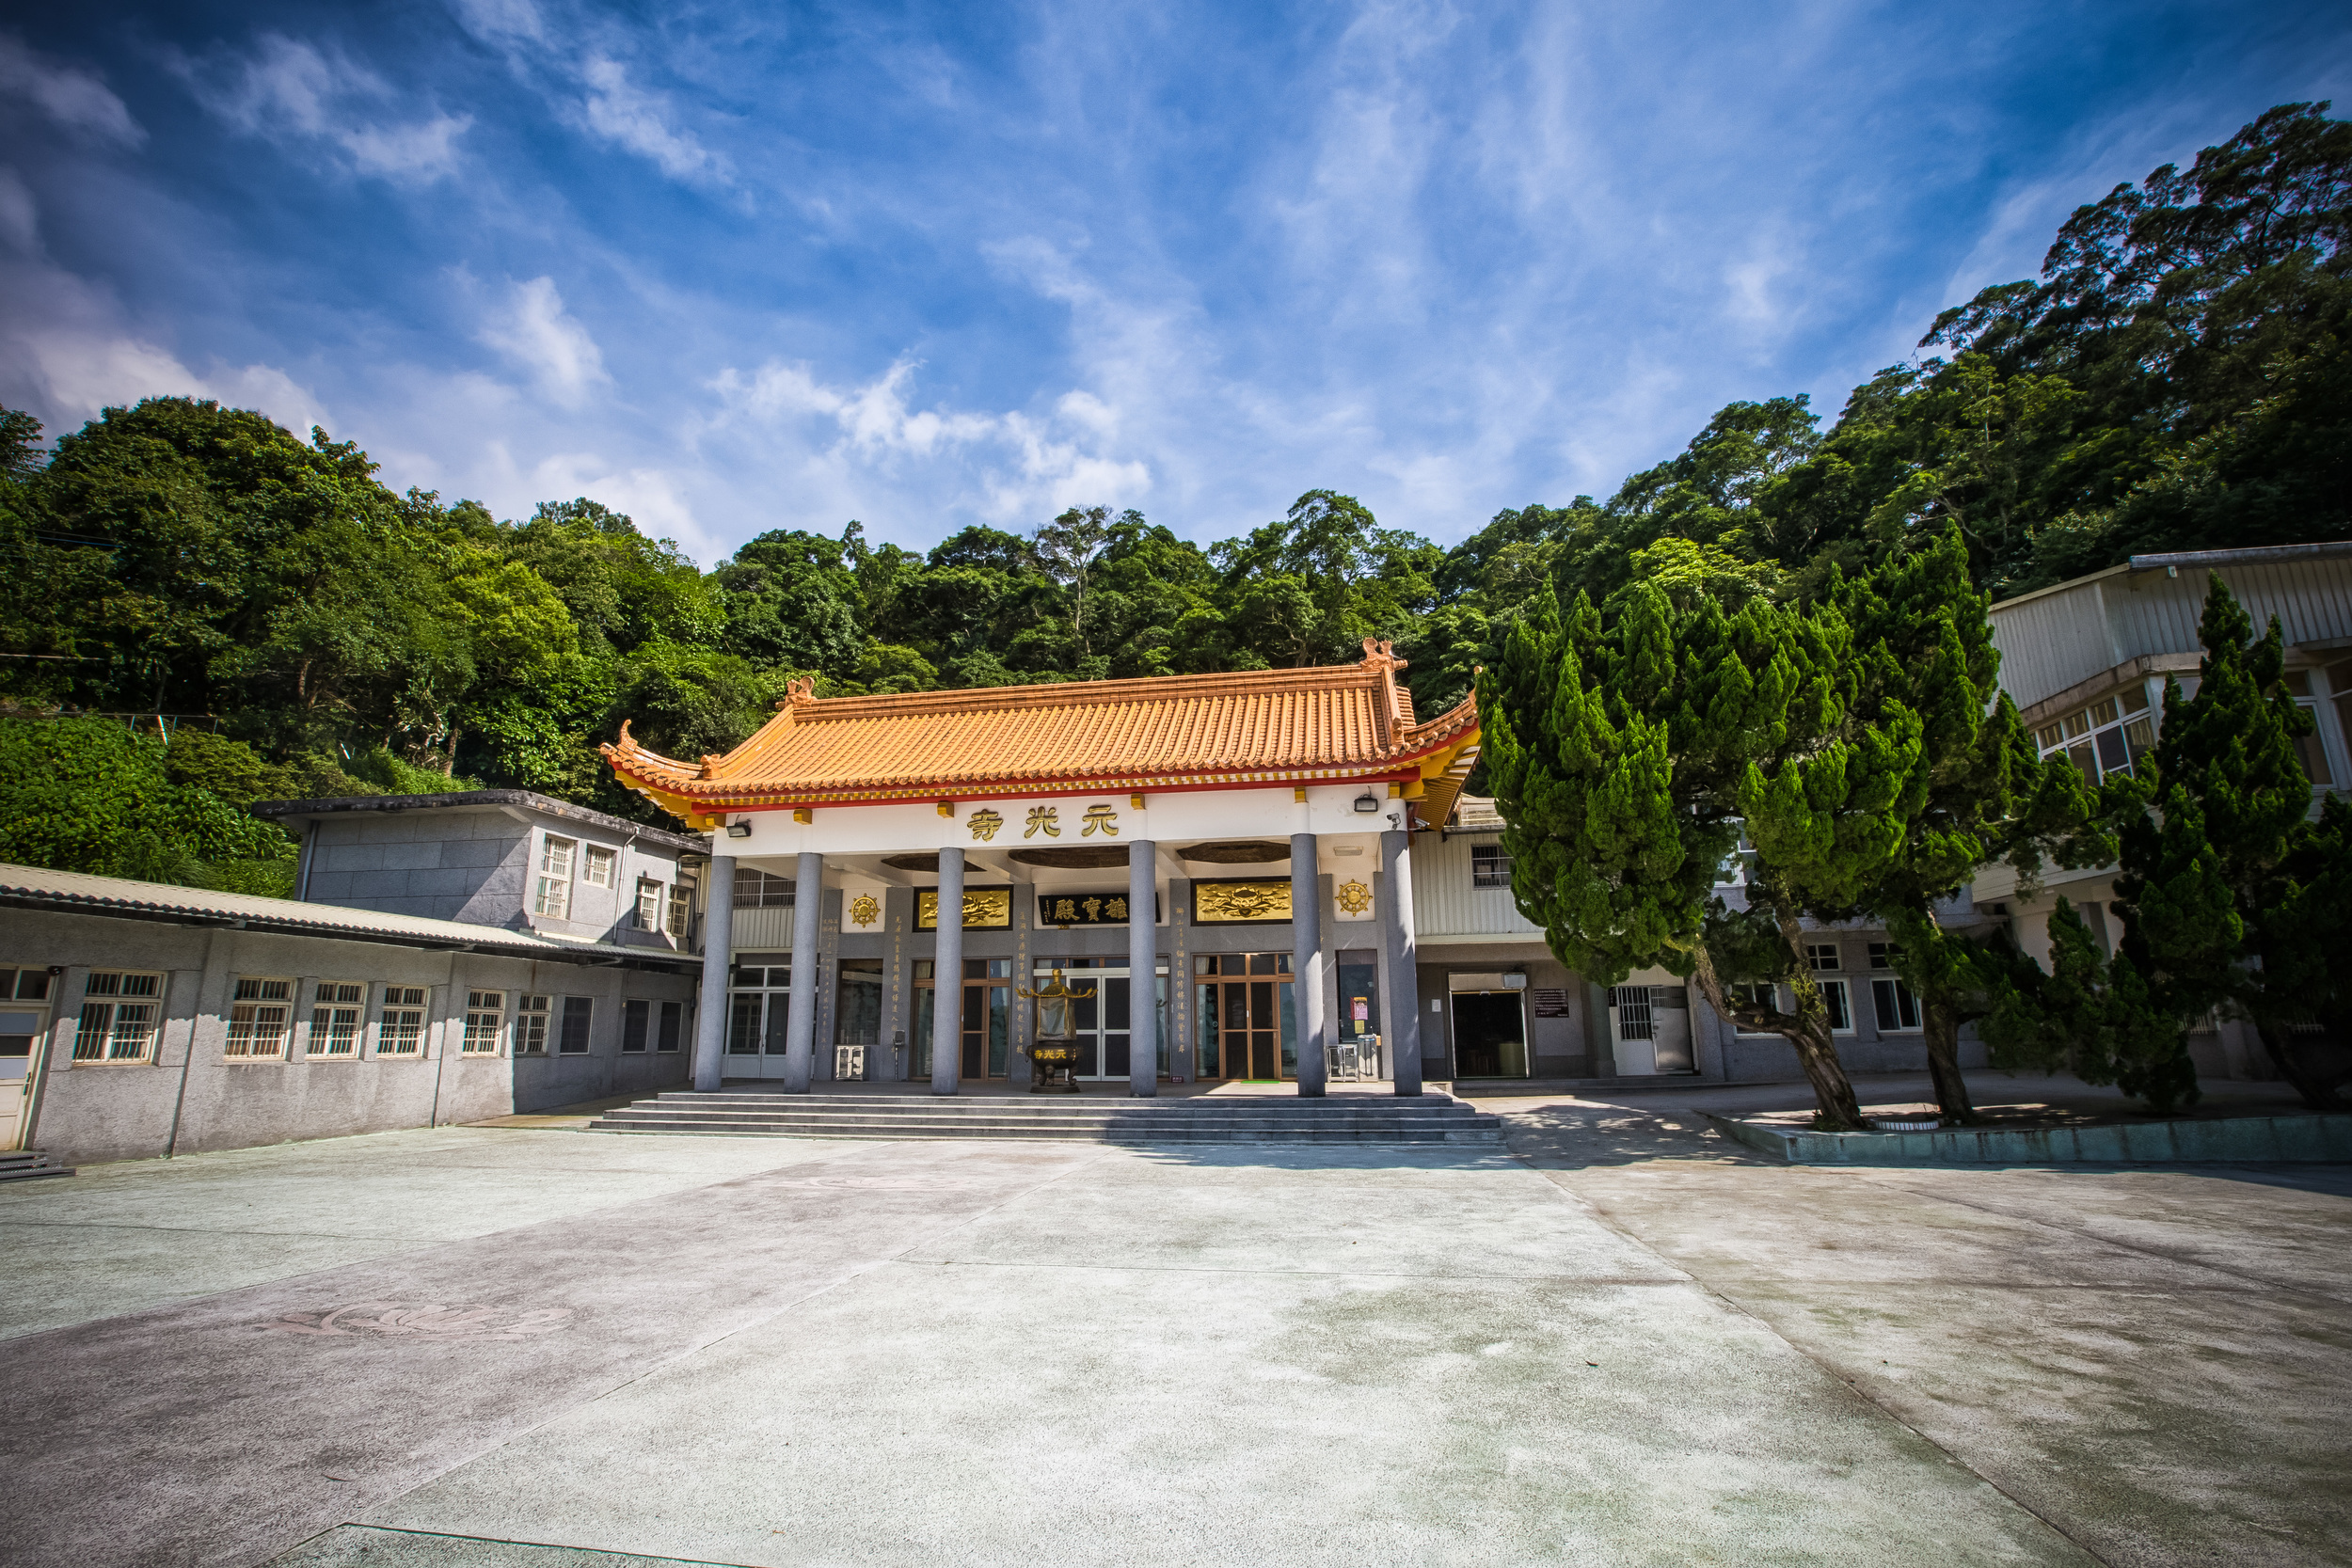 Yuan Guang Monastery (元光寺)